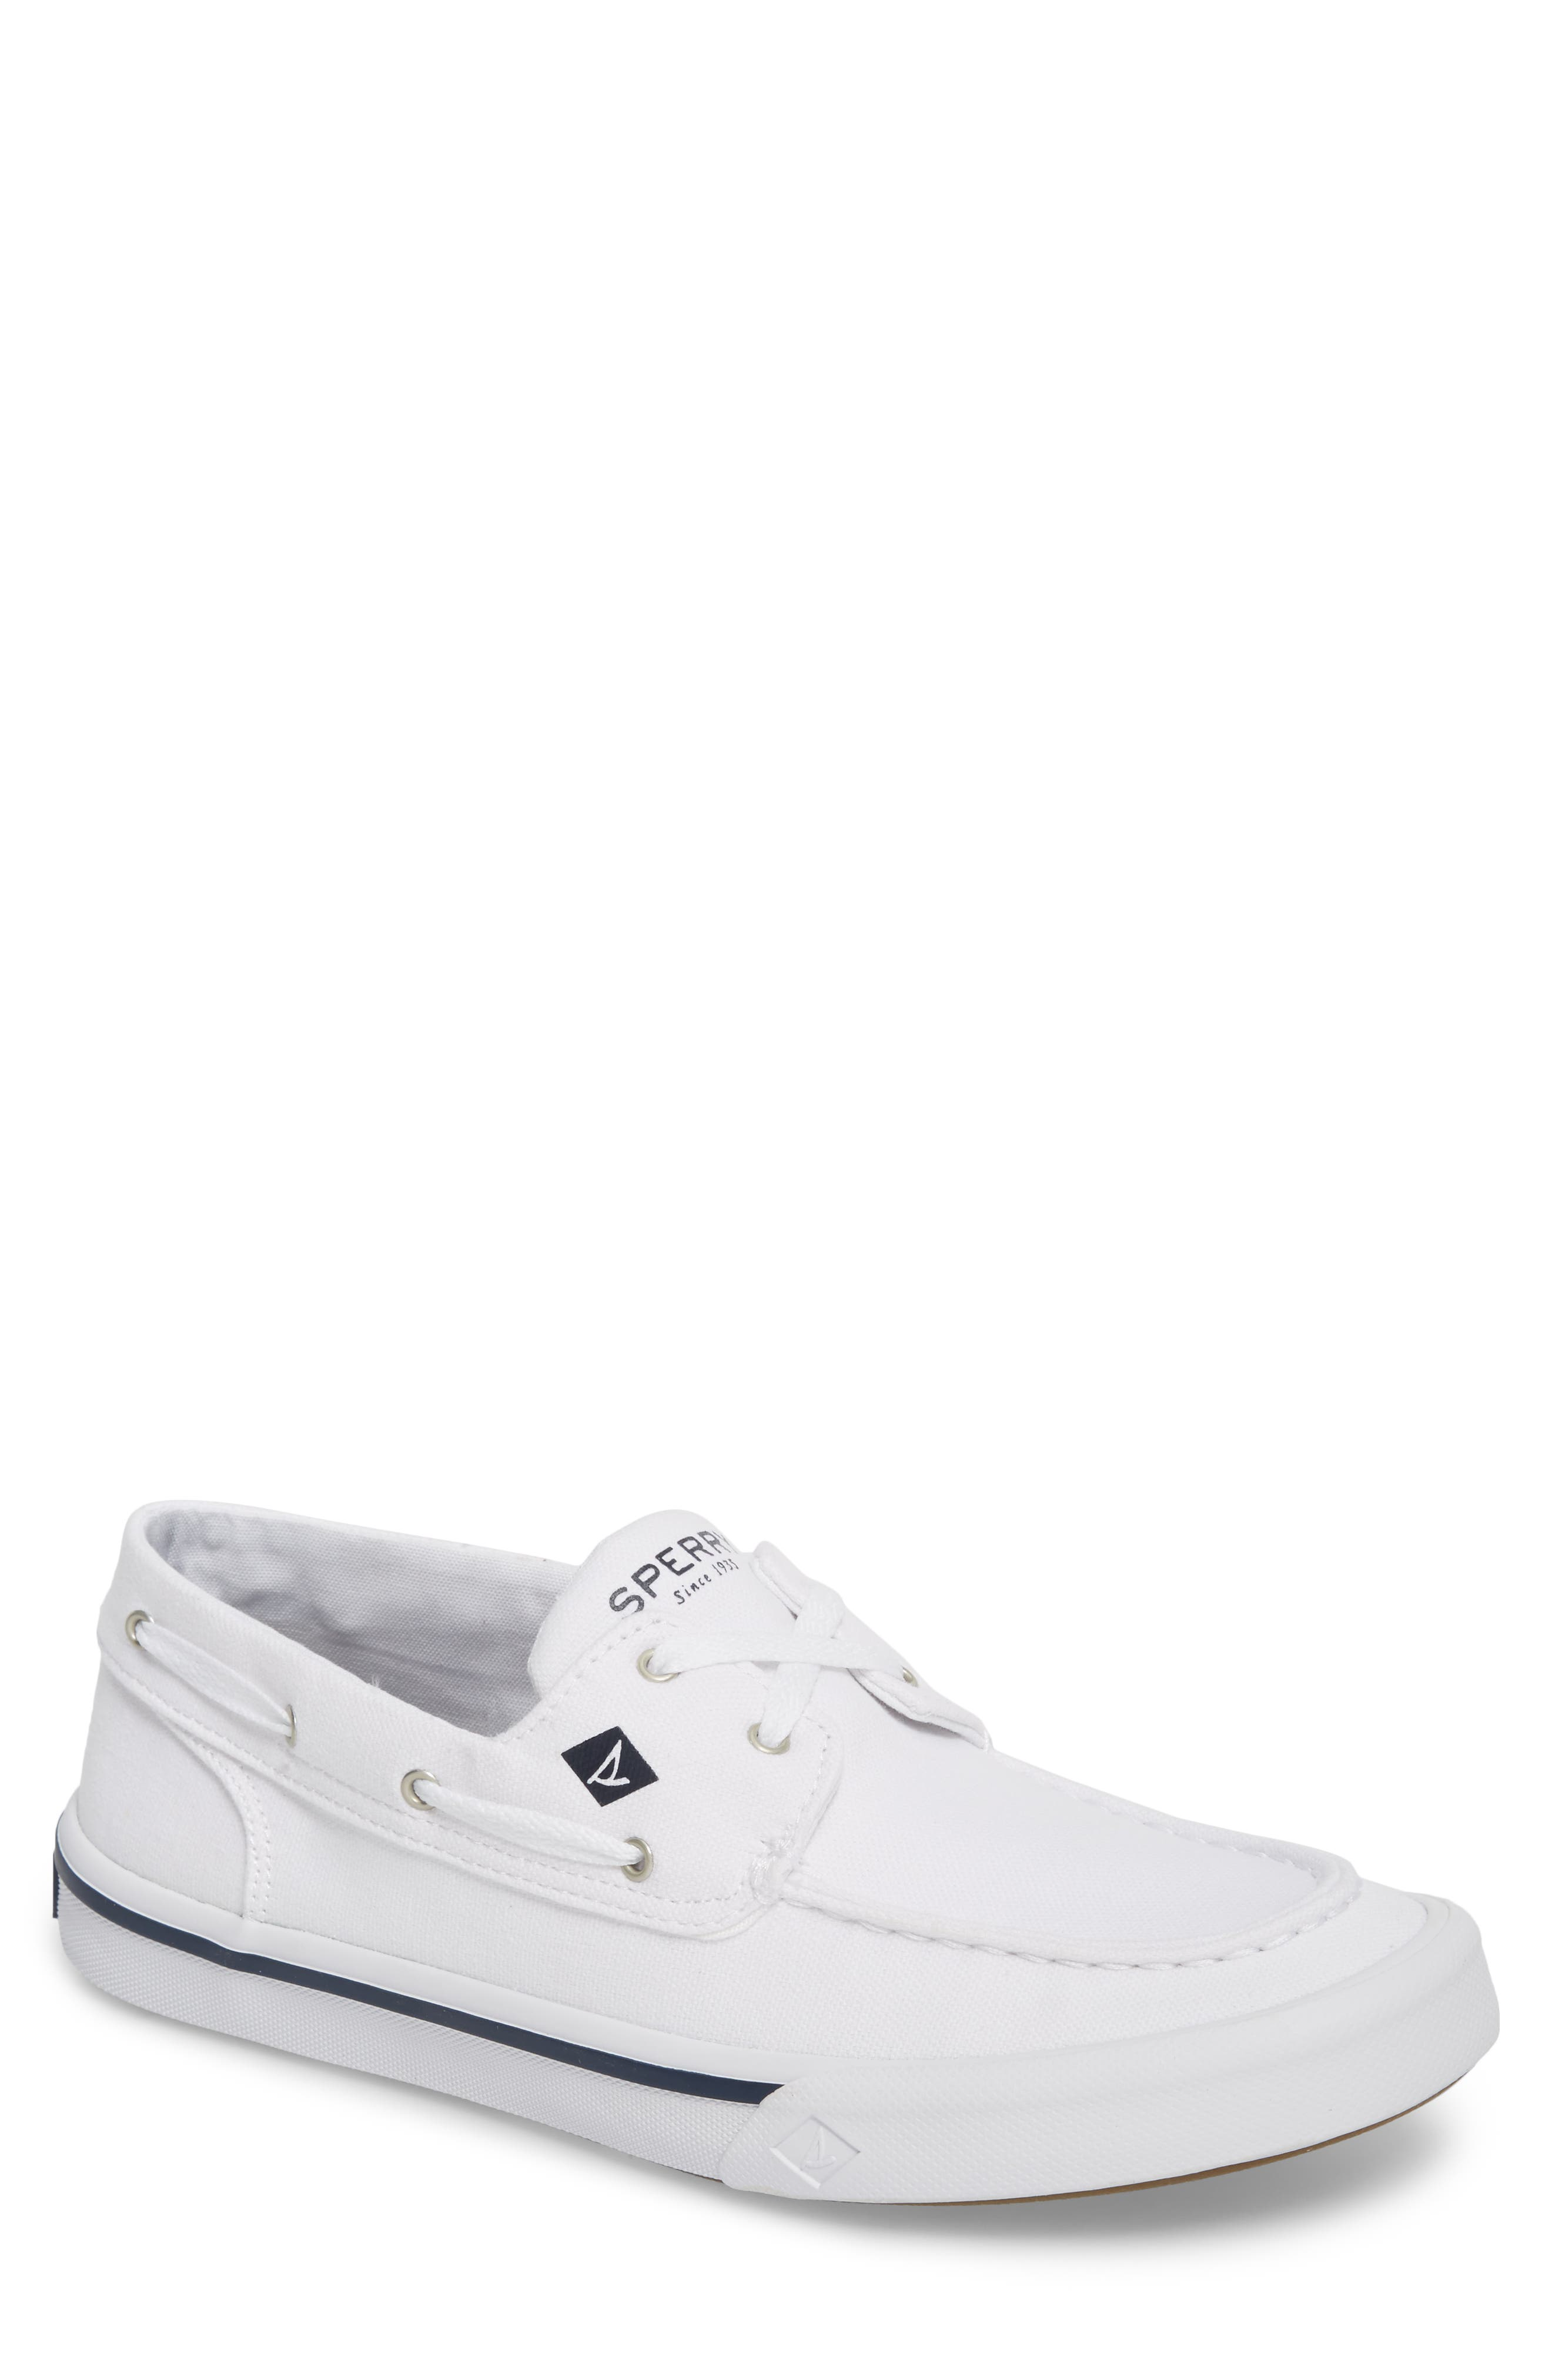 Striper 2 Boat Shoe,                         Main,                         color, White Canvas